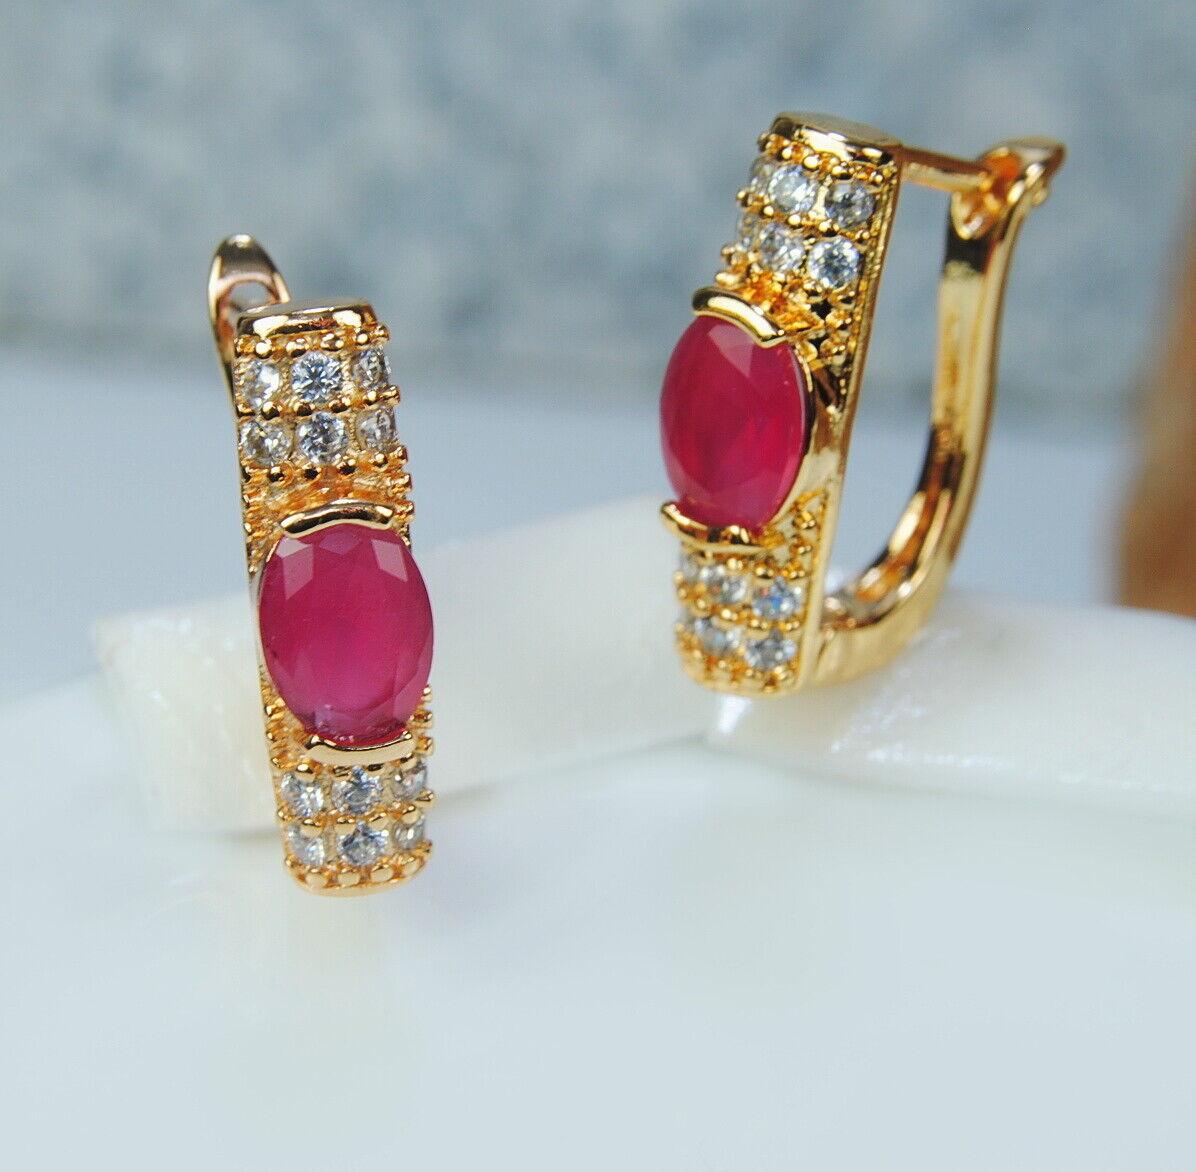 +Topas Ohrringe extravagante Damen-Ohrringen vergoldet 18K//750 Edelstein Ruby